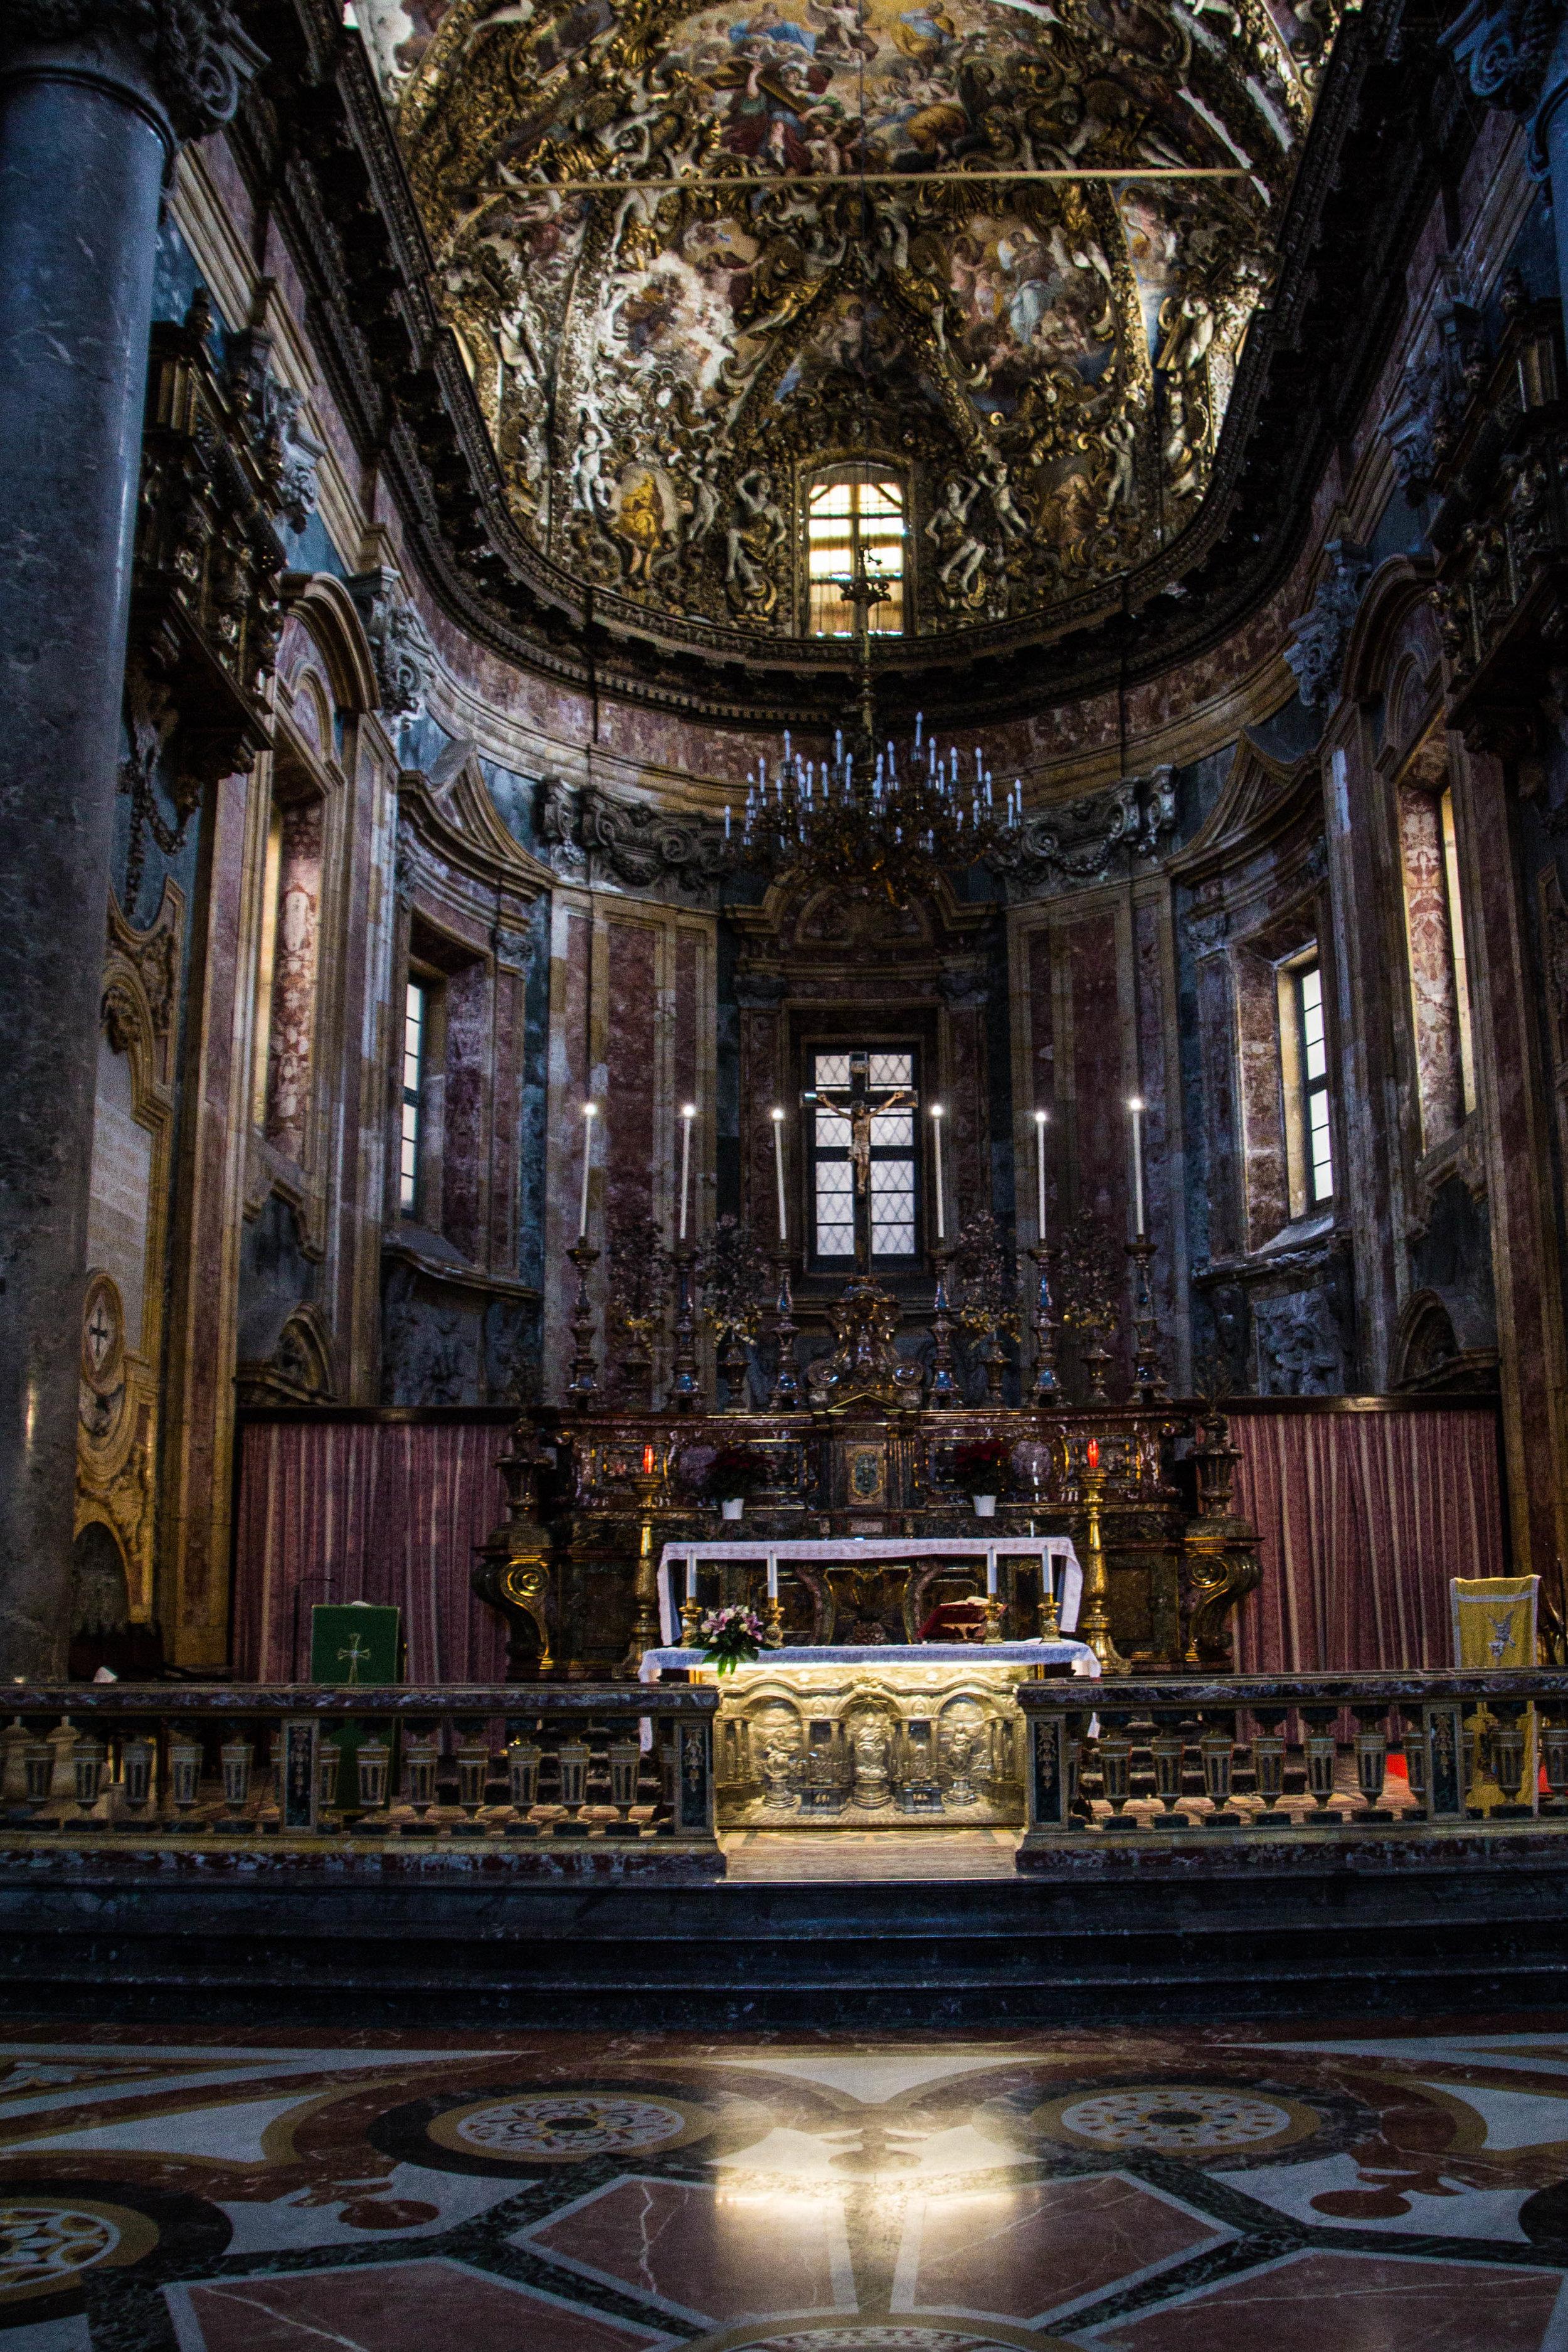 chiesa-di-san-giuseppe-dei-teatini-palermo-4.jpg